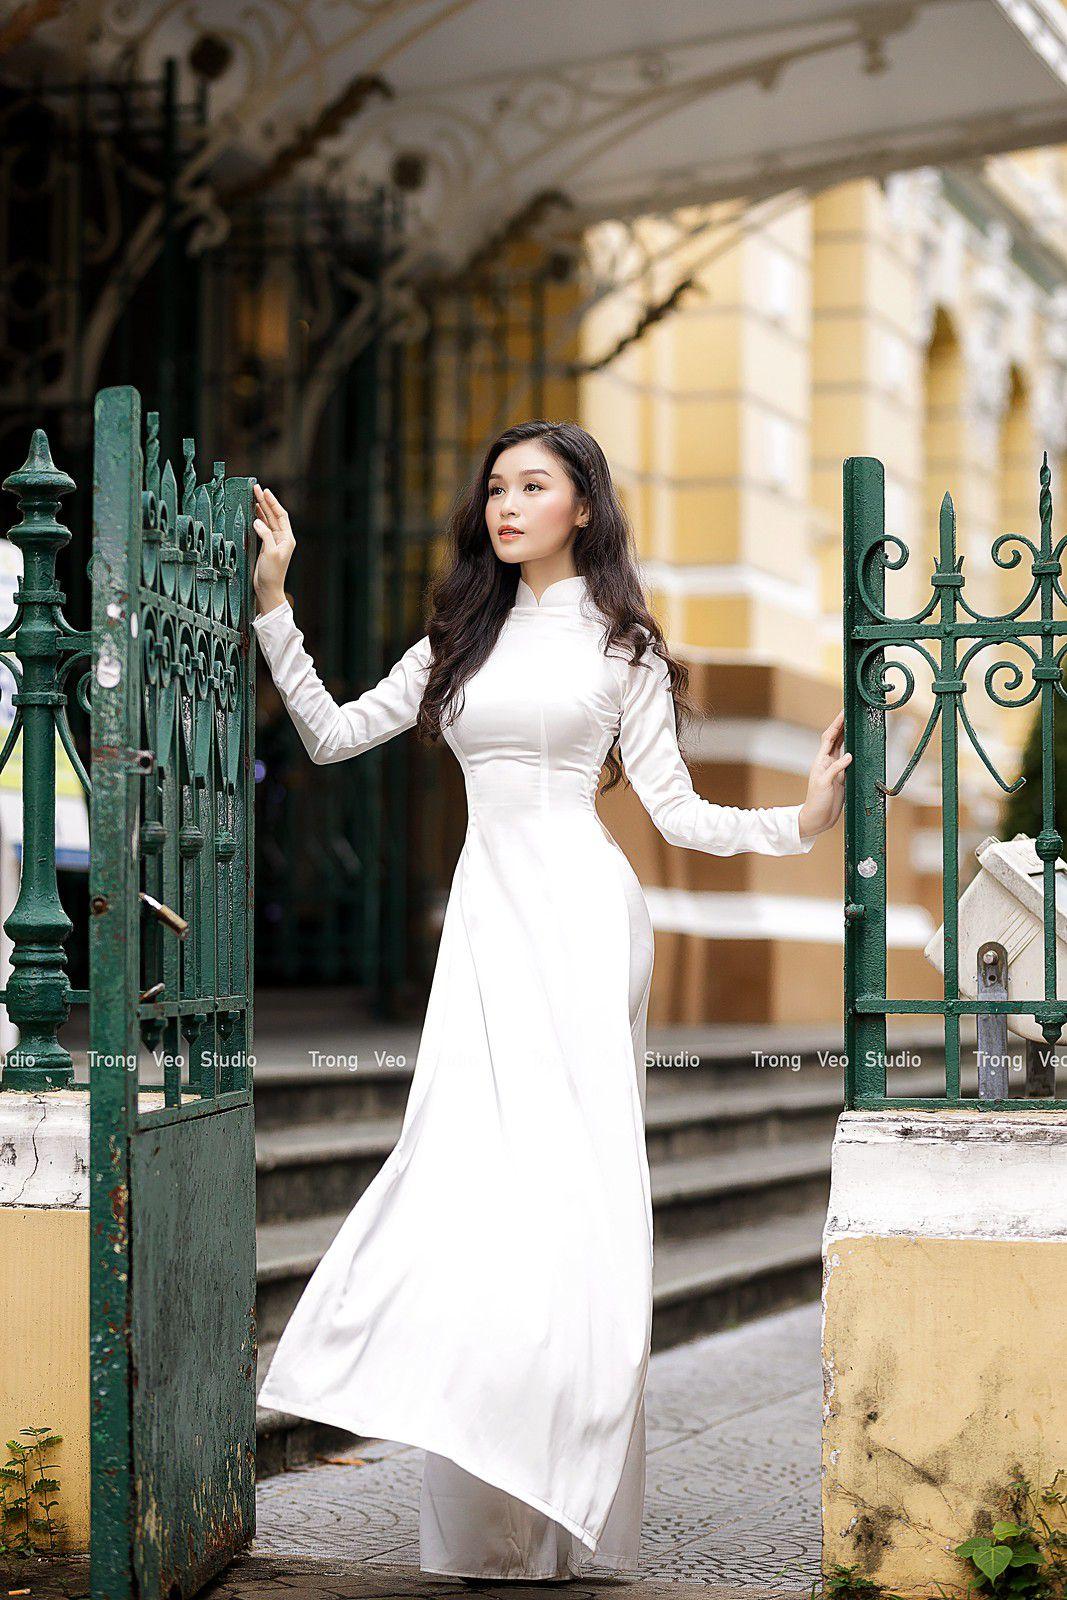 Ngắm bộ ảnh hoa khôi Phương Đoan đẹp hú hồn trong tà áo dài trắng thướt tha 5